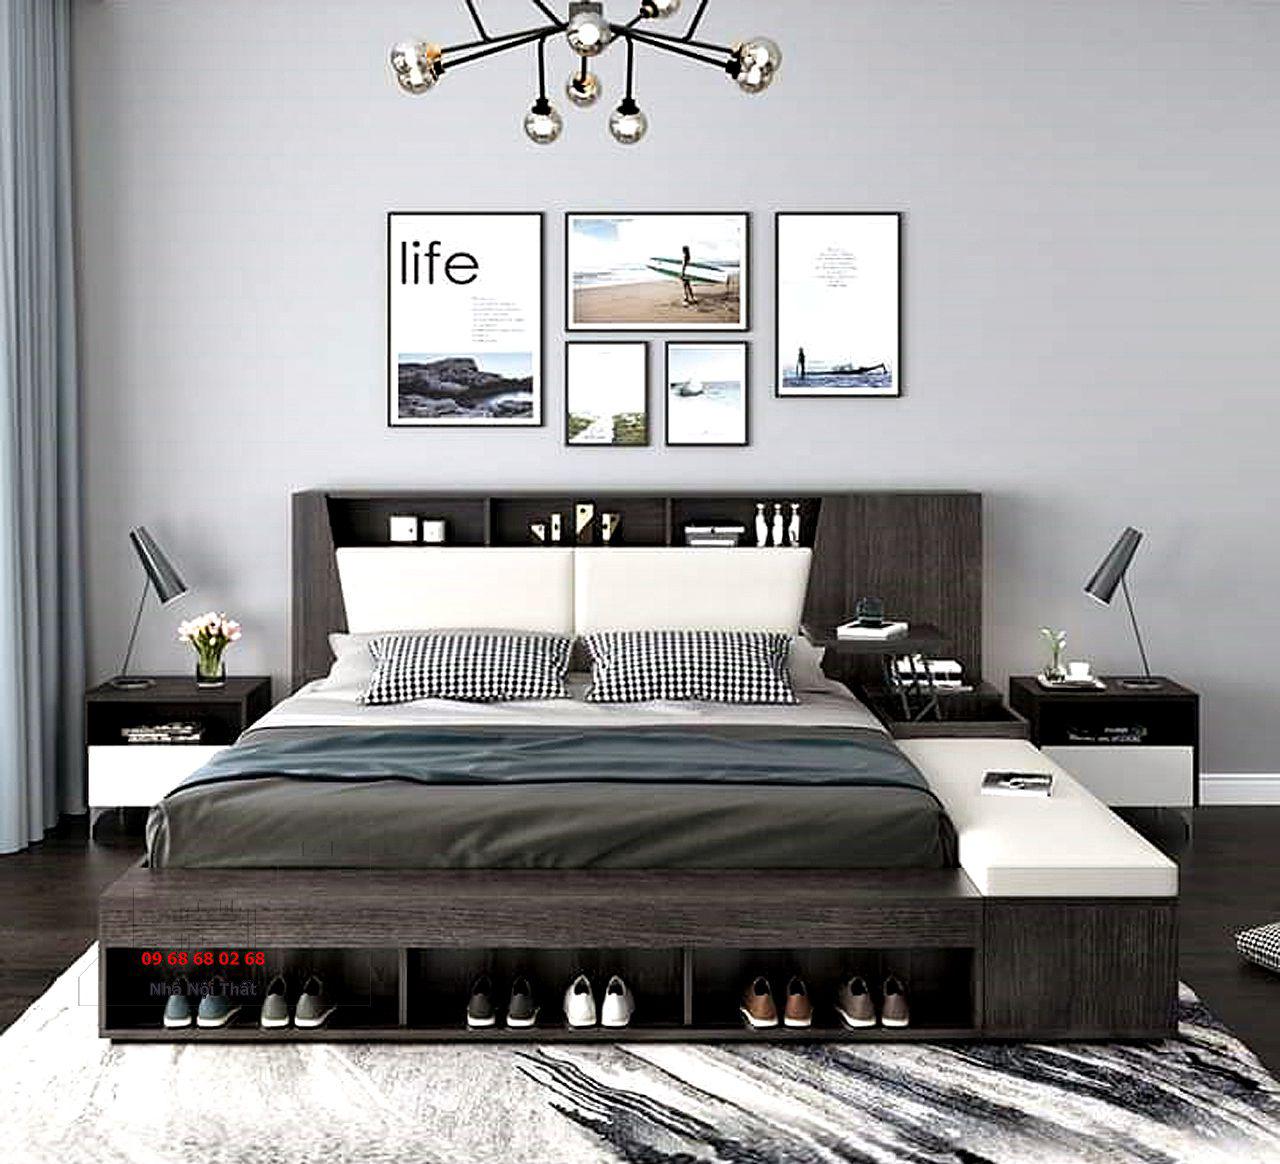 giường ngủ gỗ công nghiệp 007